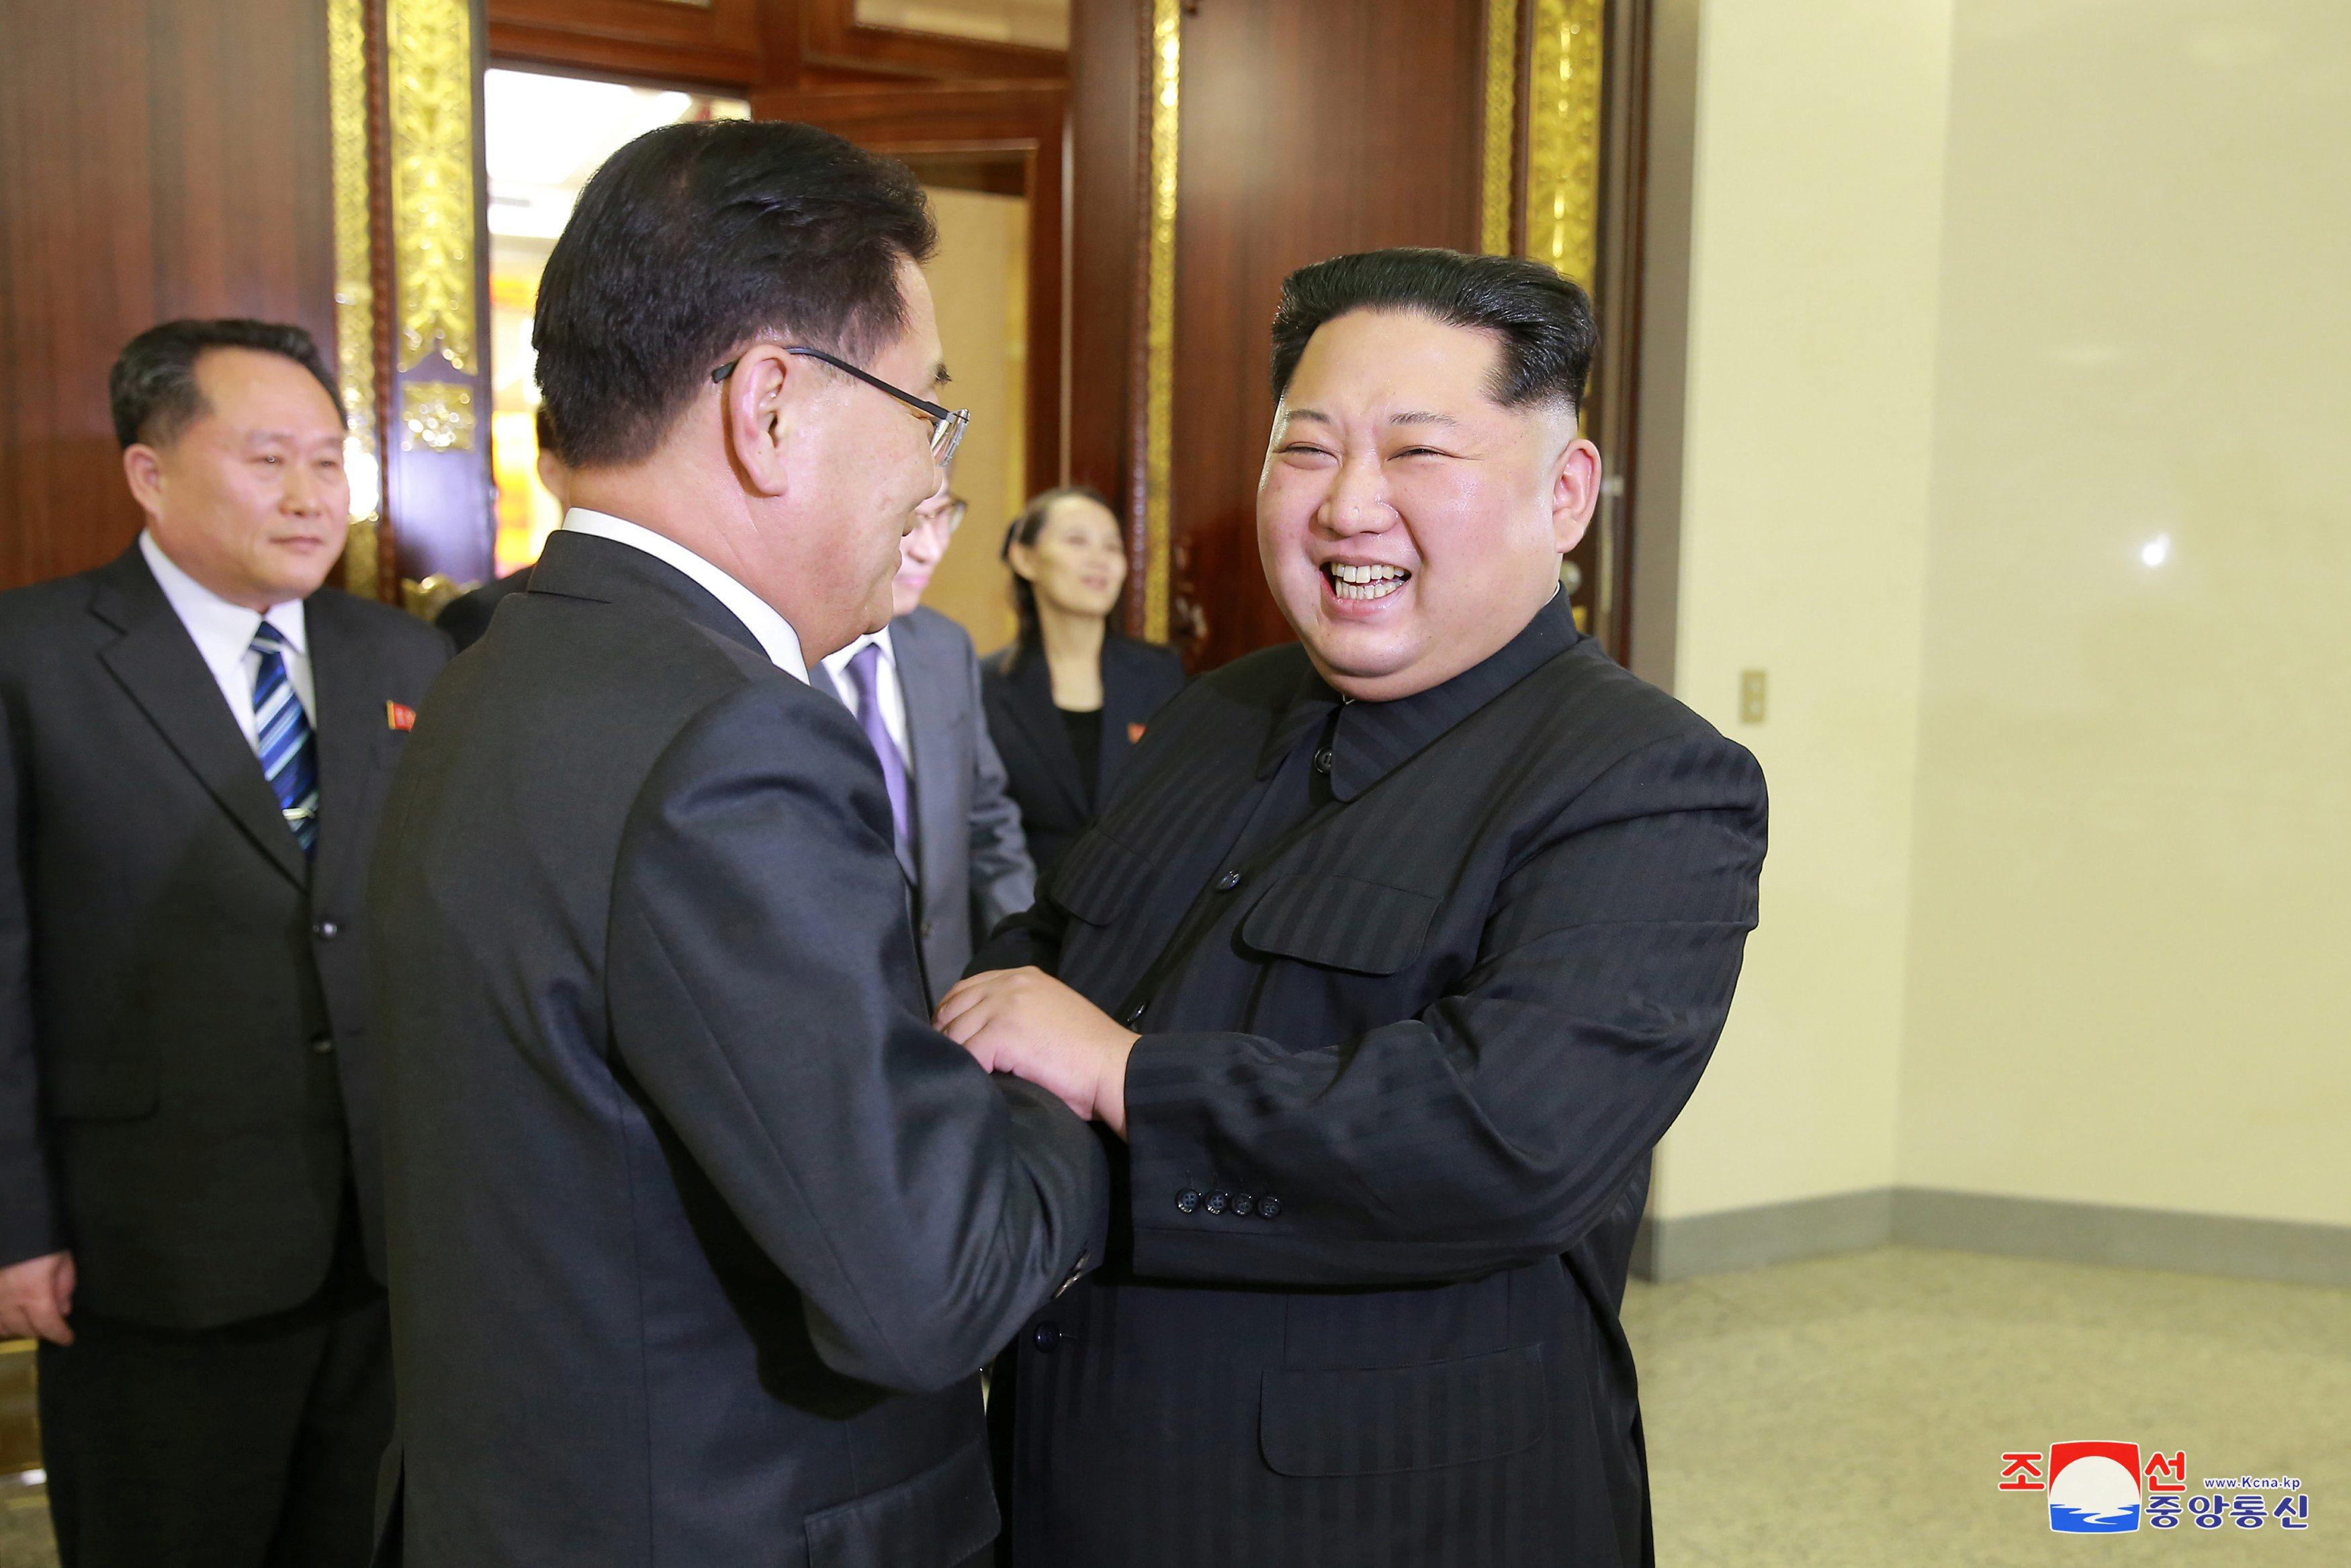 Delegat iz Južne Koreje i Kim Jong-un